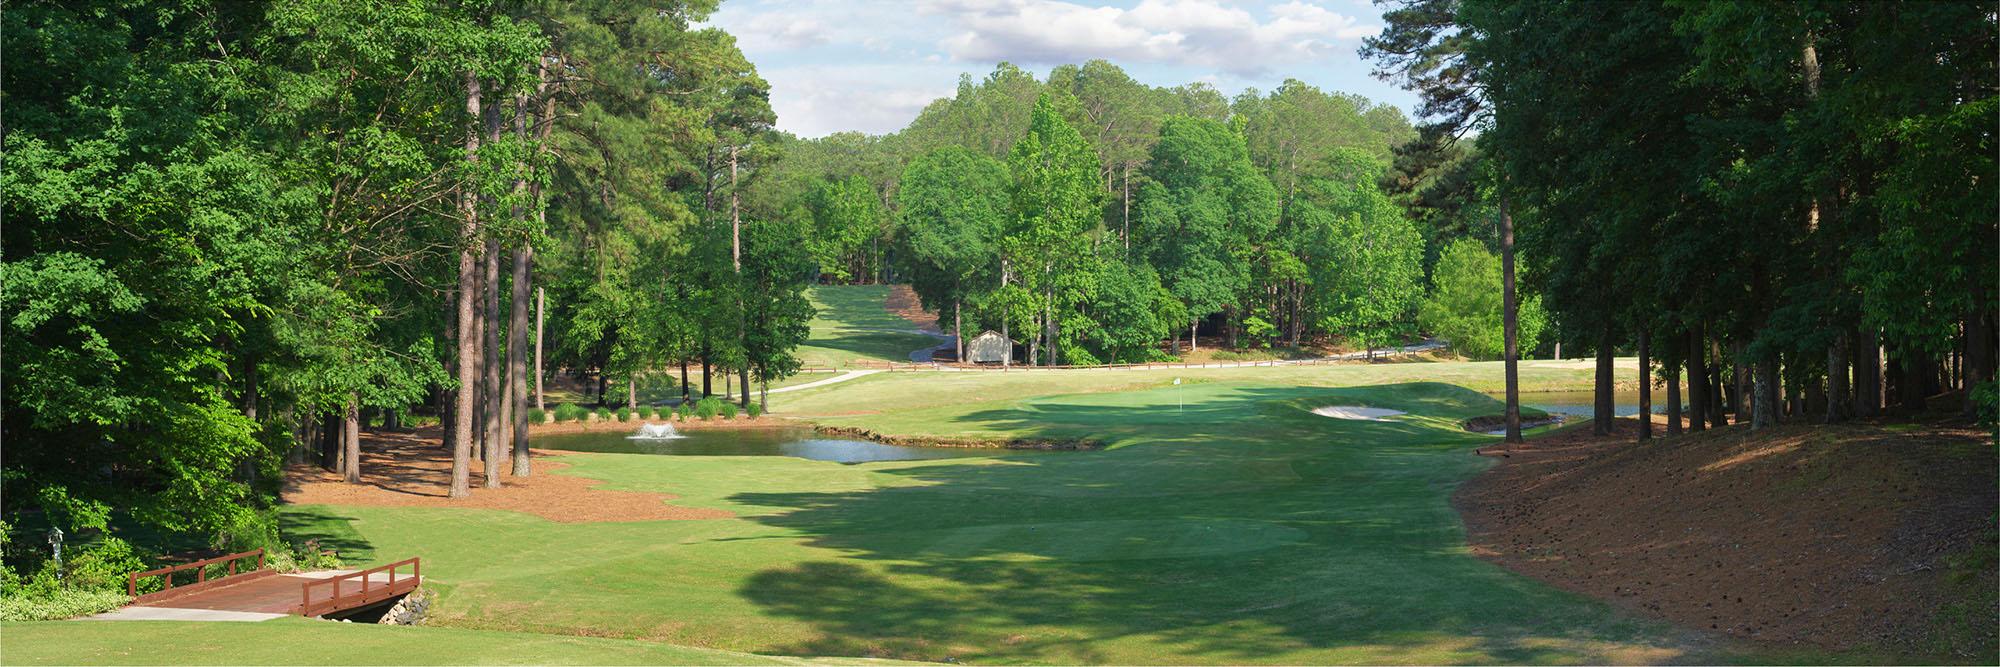 Golf Course Image - MacGregor Downs No. 4